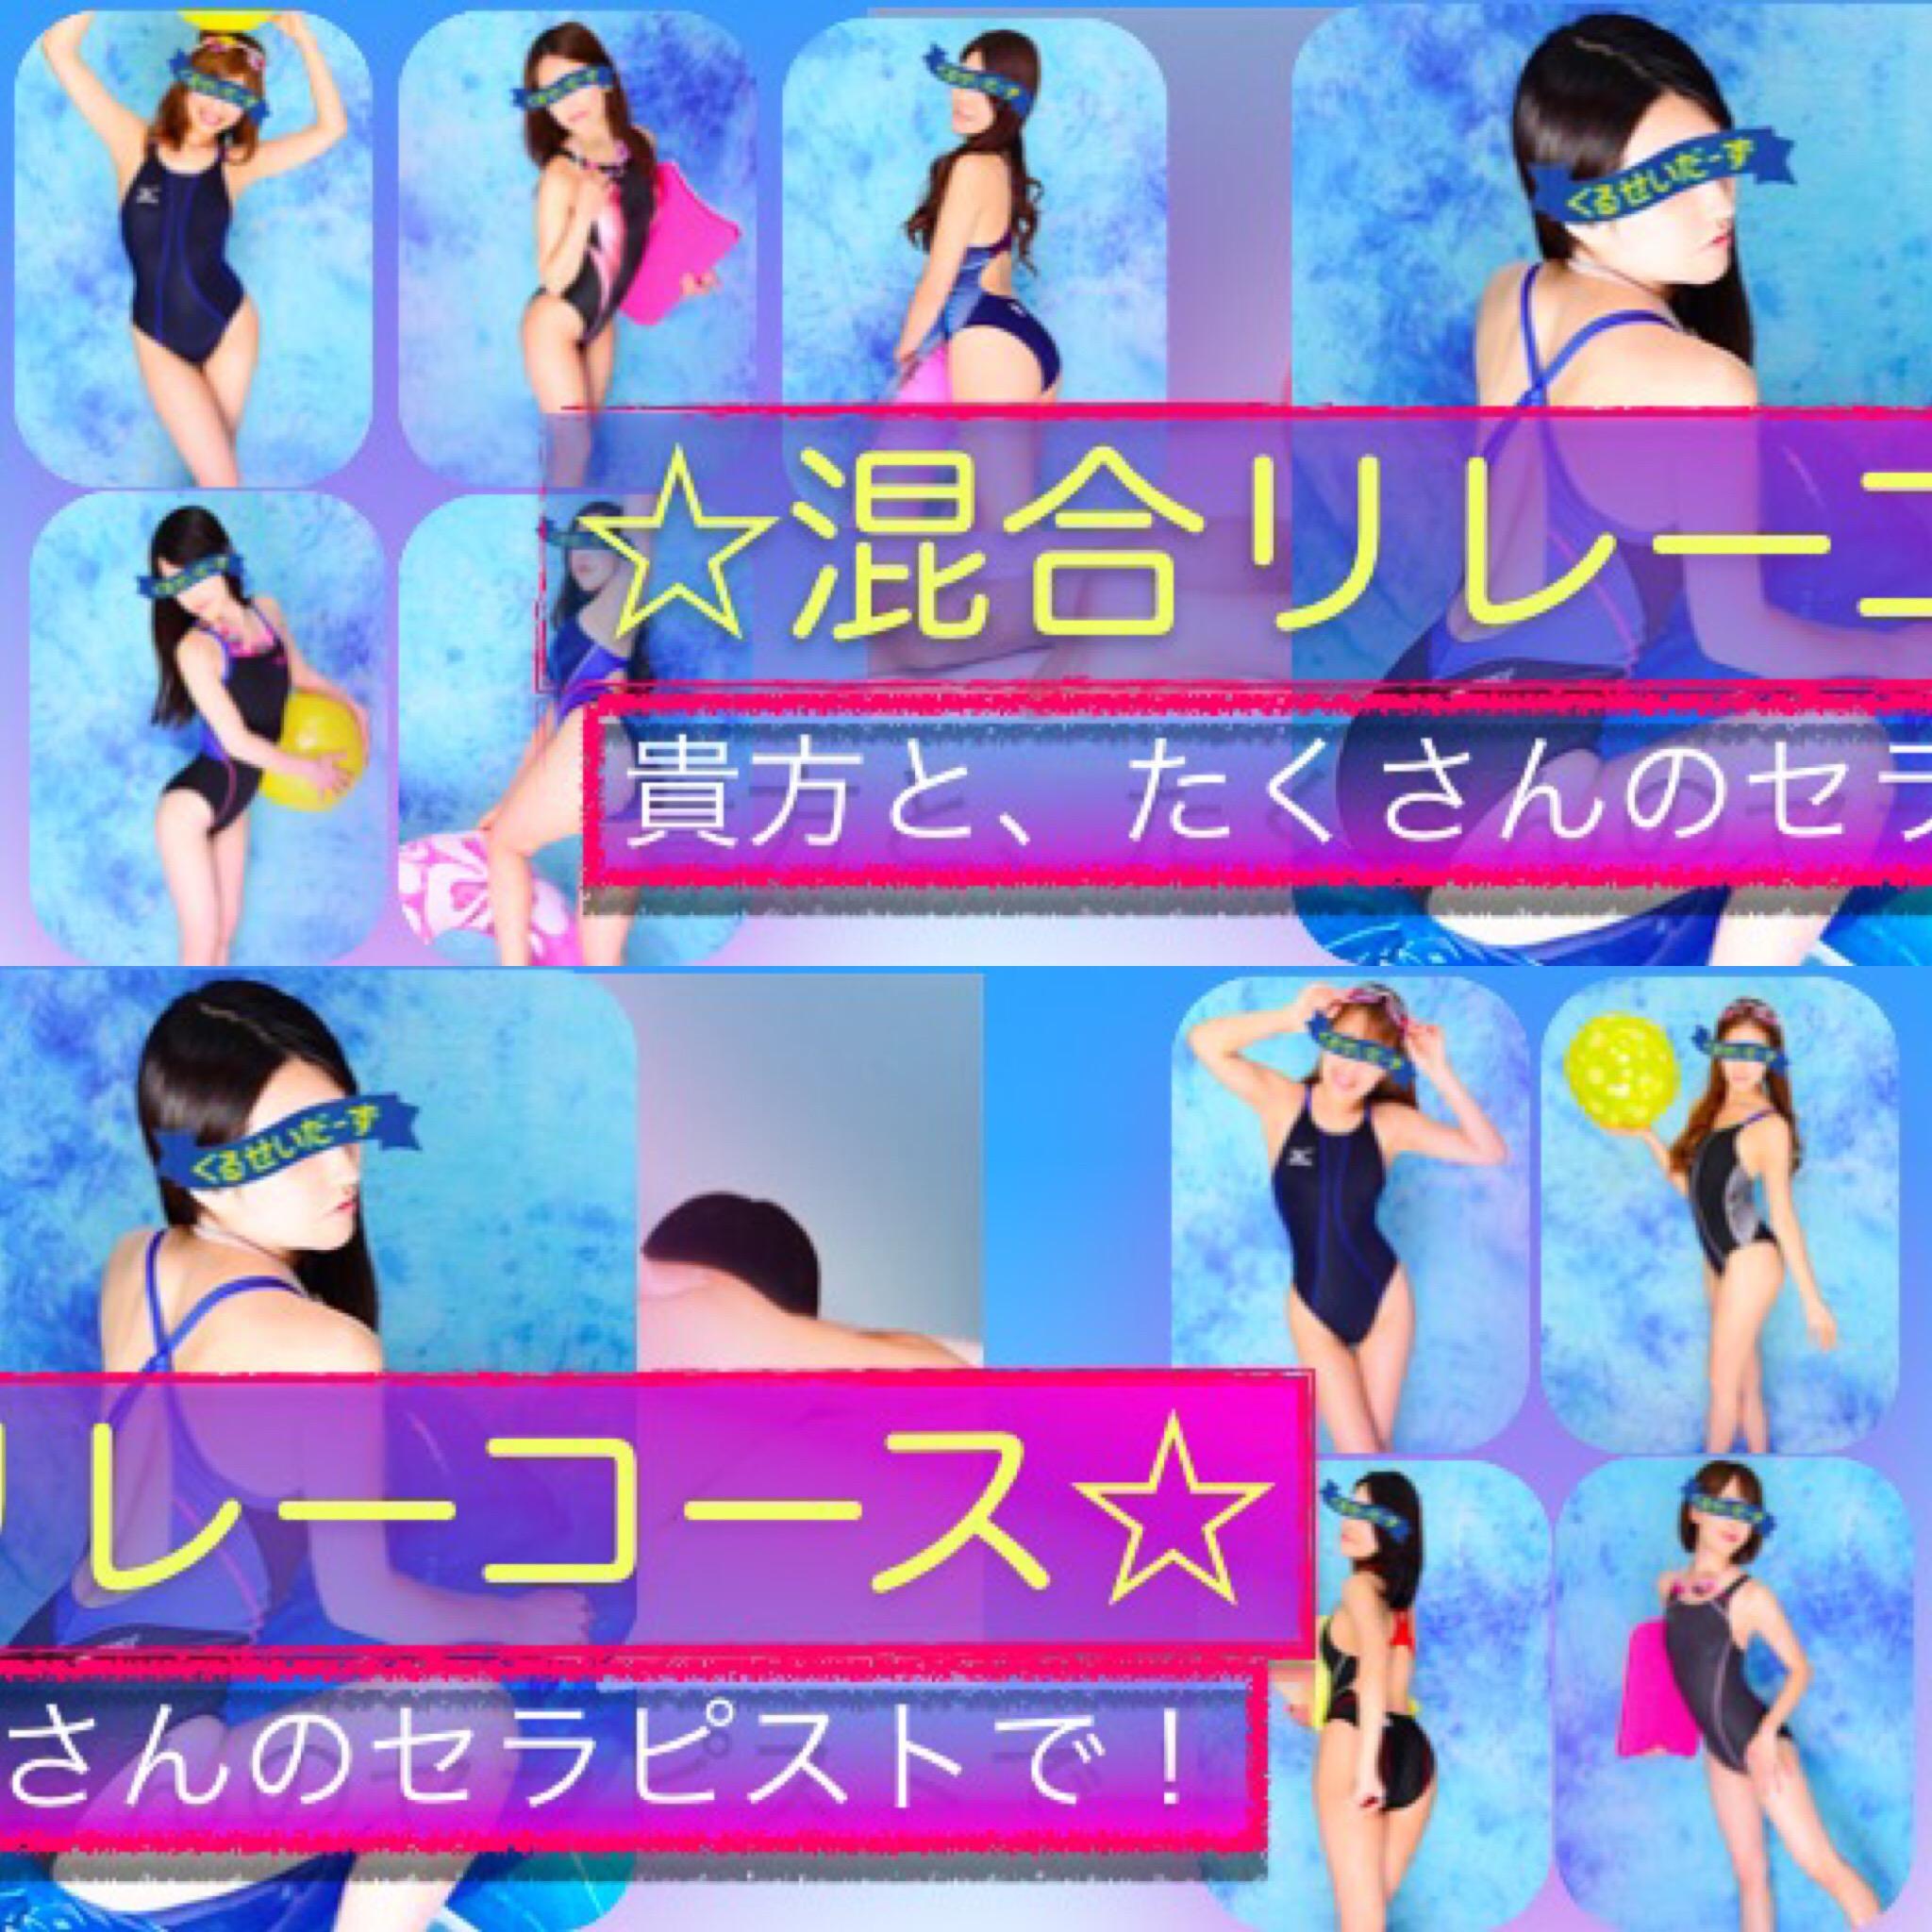 新コーススタート!☆混合リレーコース☆複数のセラピストと貴方で!